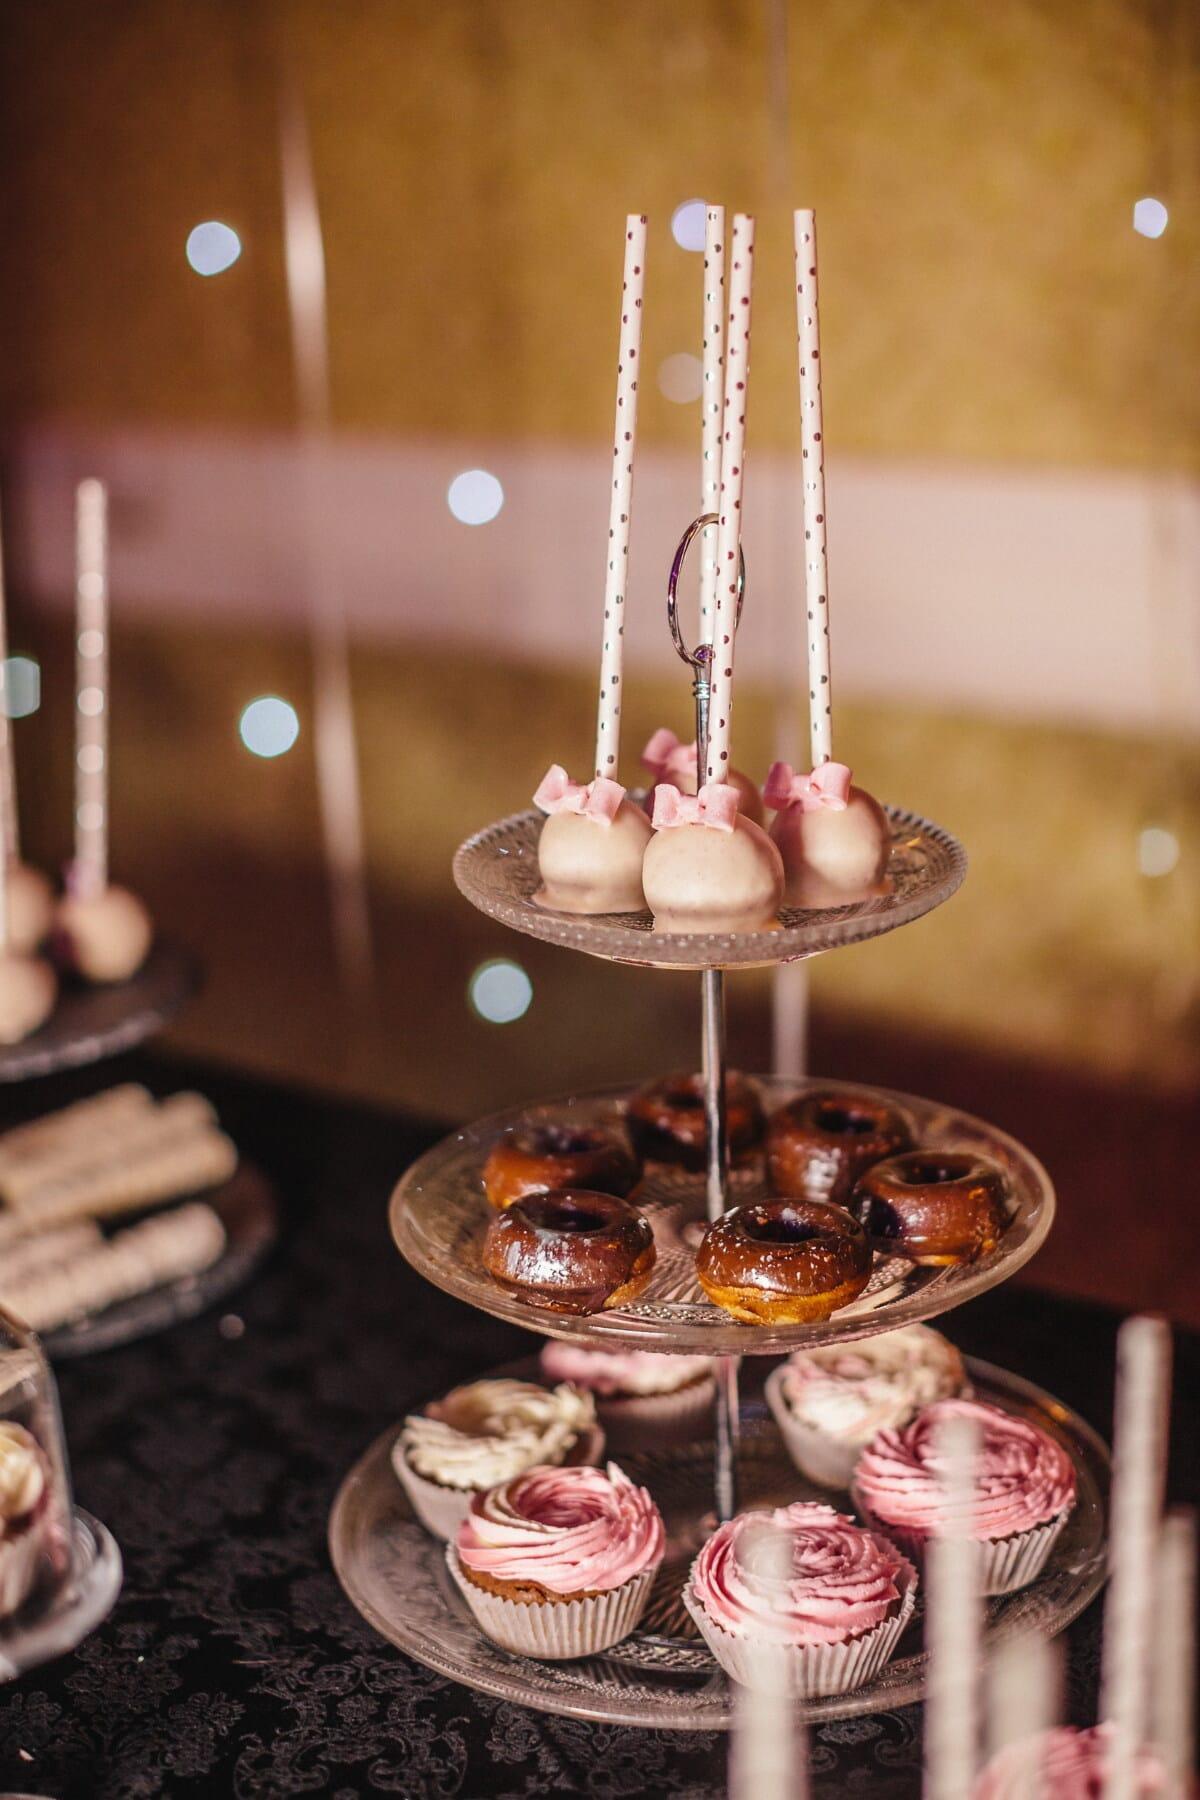 Lutscher, Cupcake, Kuchenladen, Partei, Glas, Abendessen, Zucker, Essen, Schokolade, drinnen